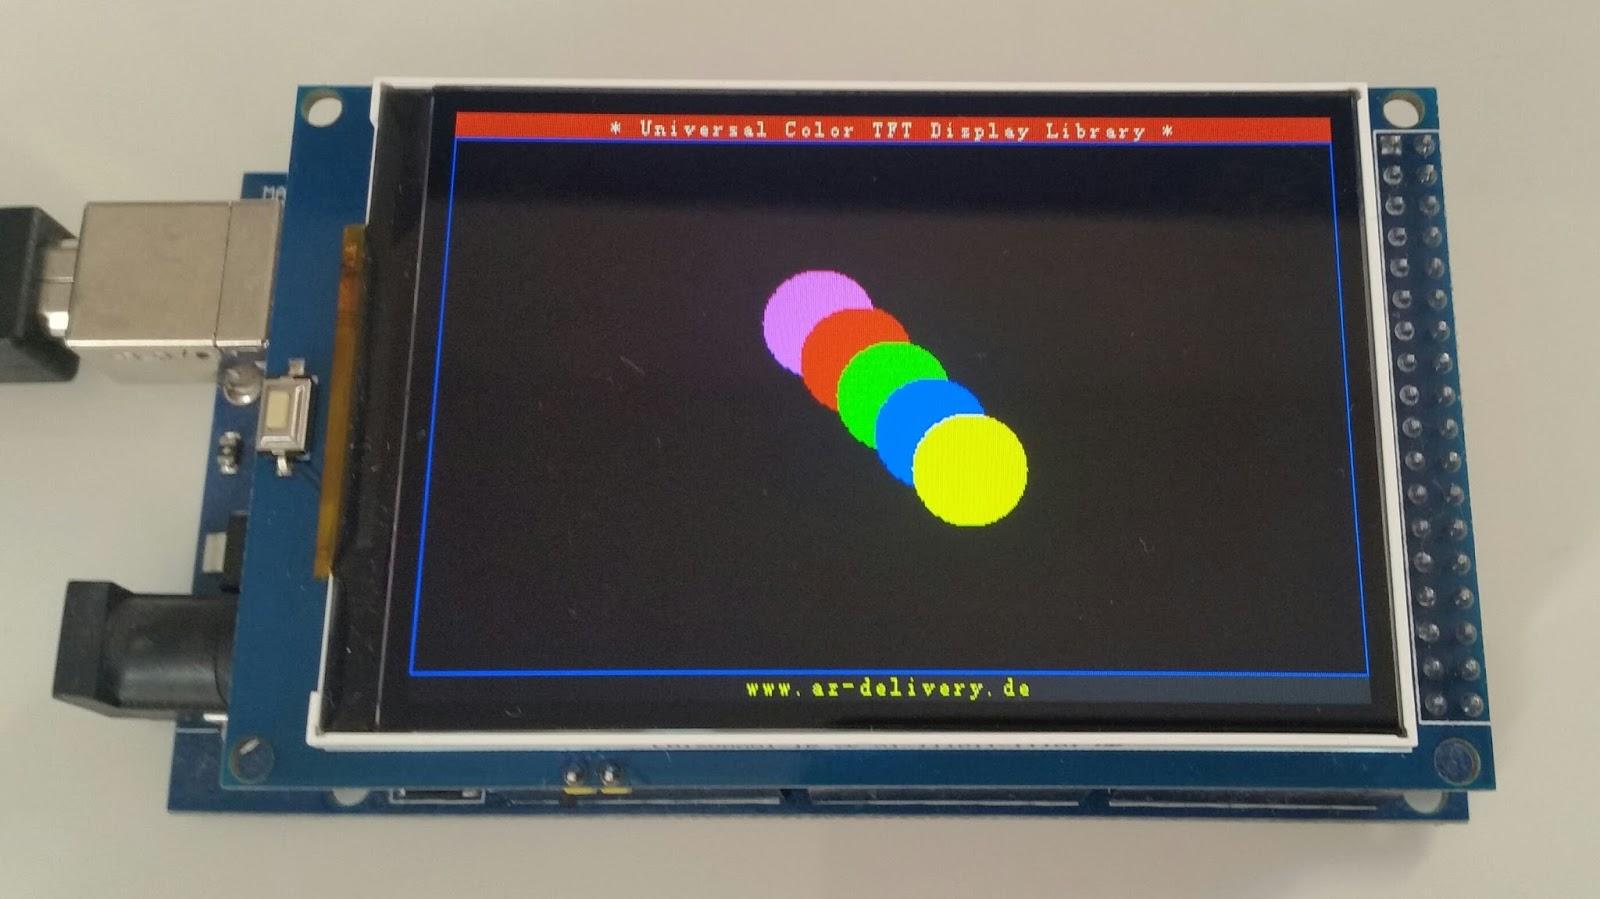 michaelsarduino tft display mit arduino verwenden. Black Bedroom Furniture Sets. Home Design Ideas